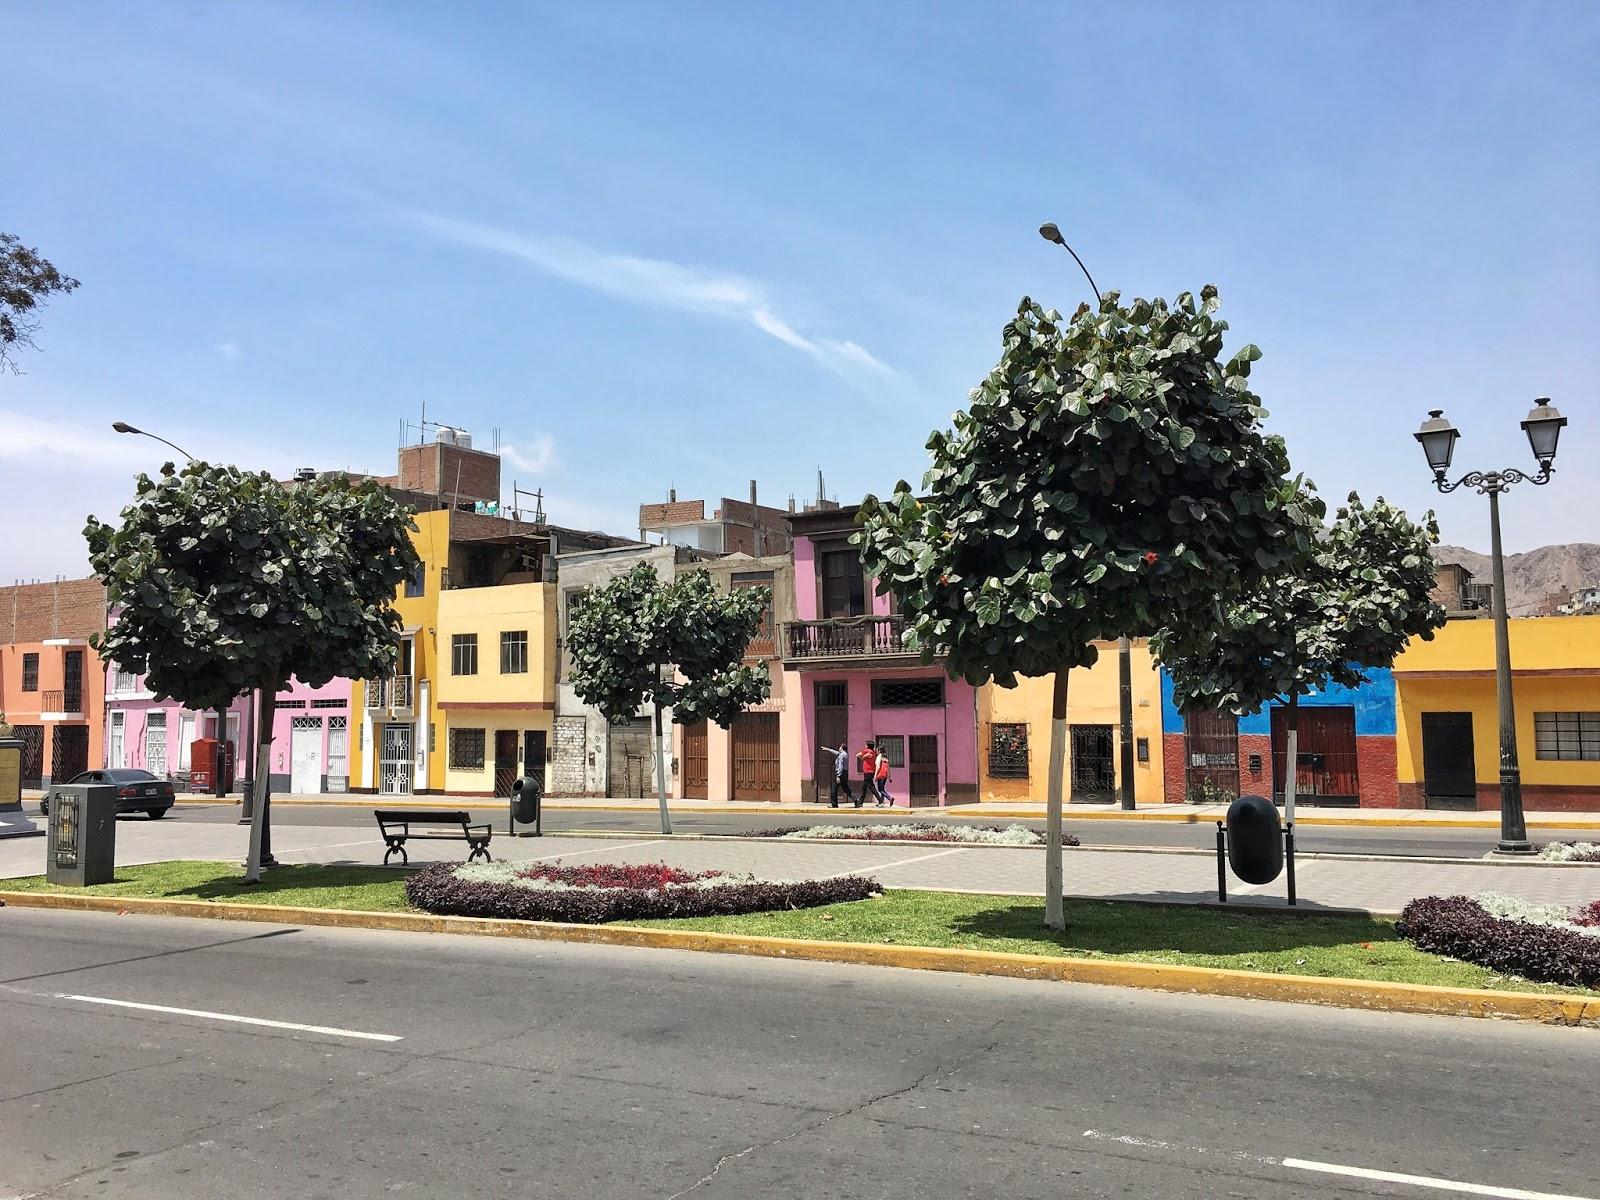 Lima, Peru, ejnets.com